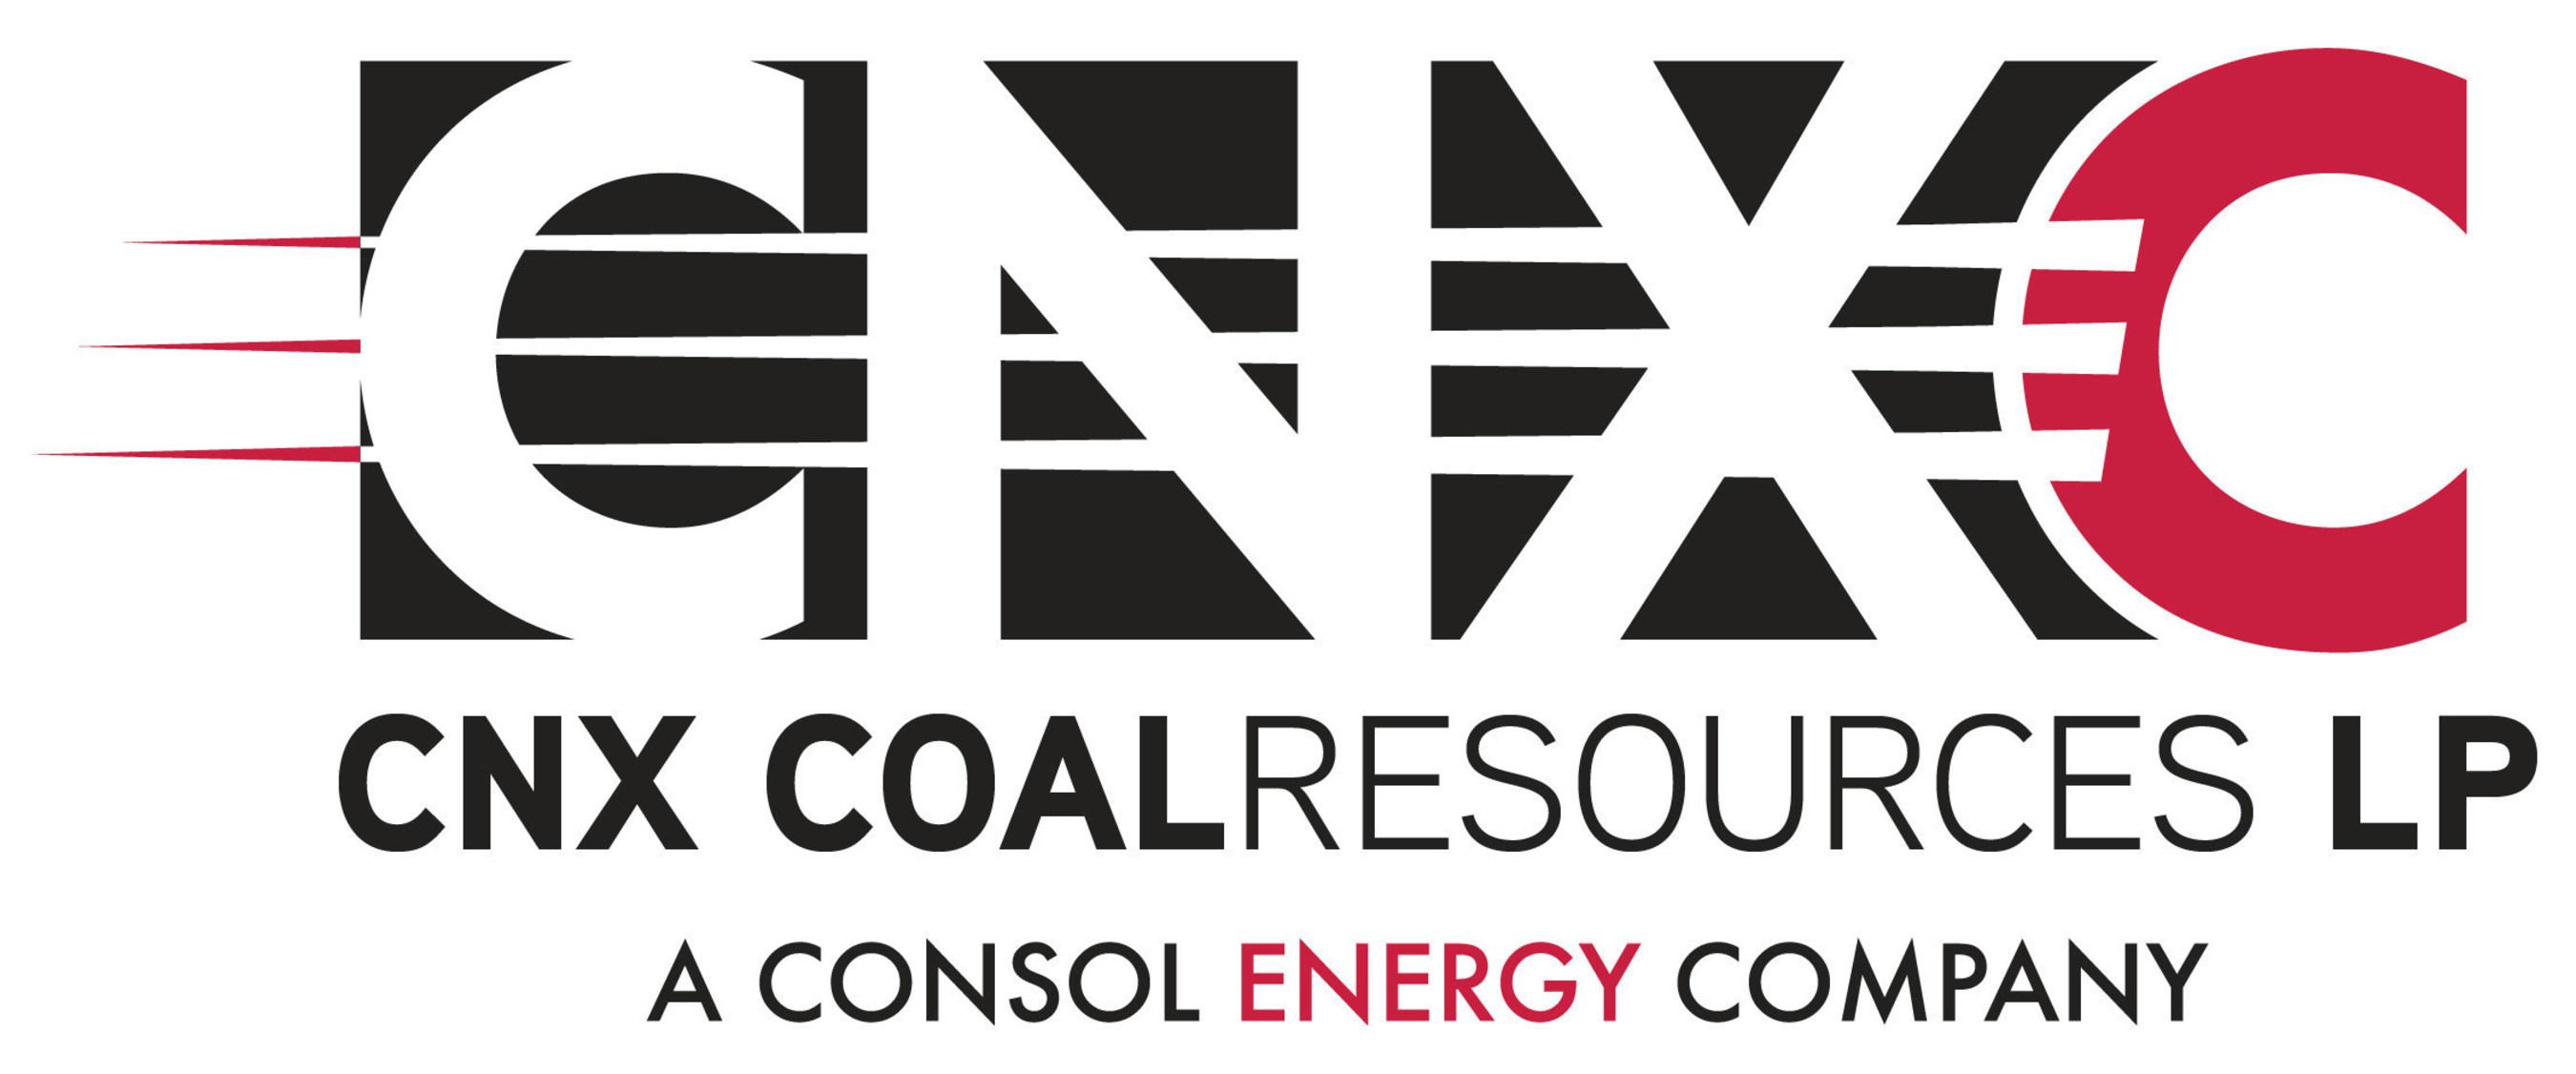 CNX Coal Resources LP